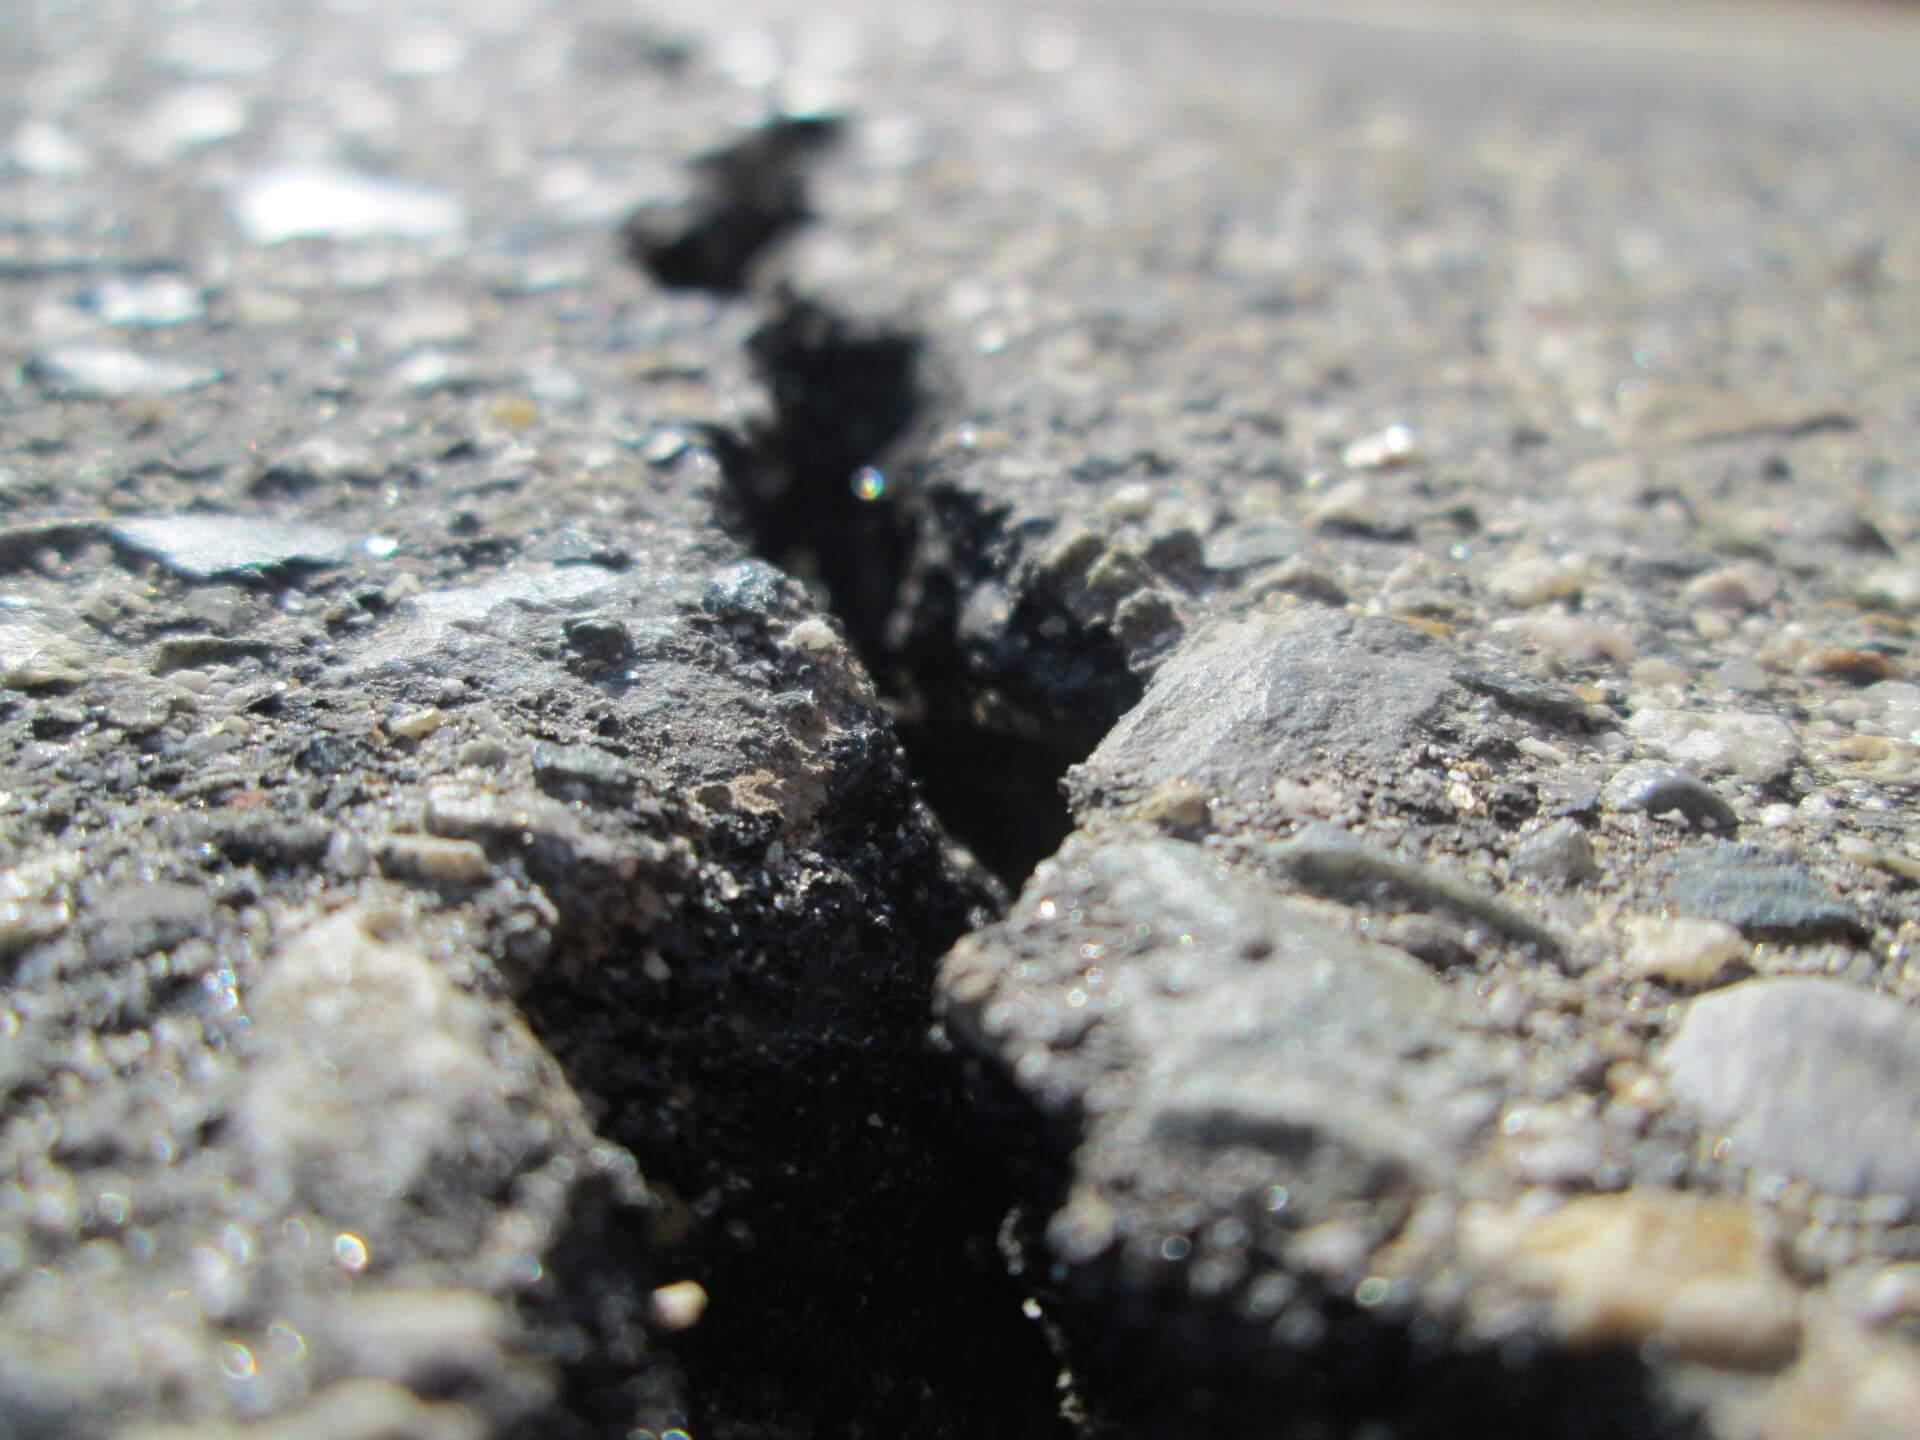 asphalt crack fissure divide